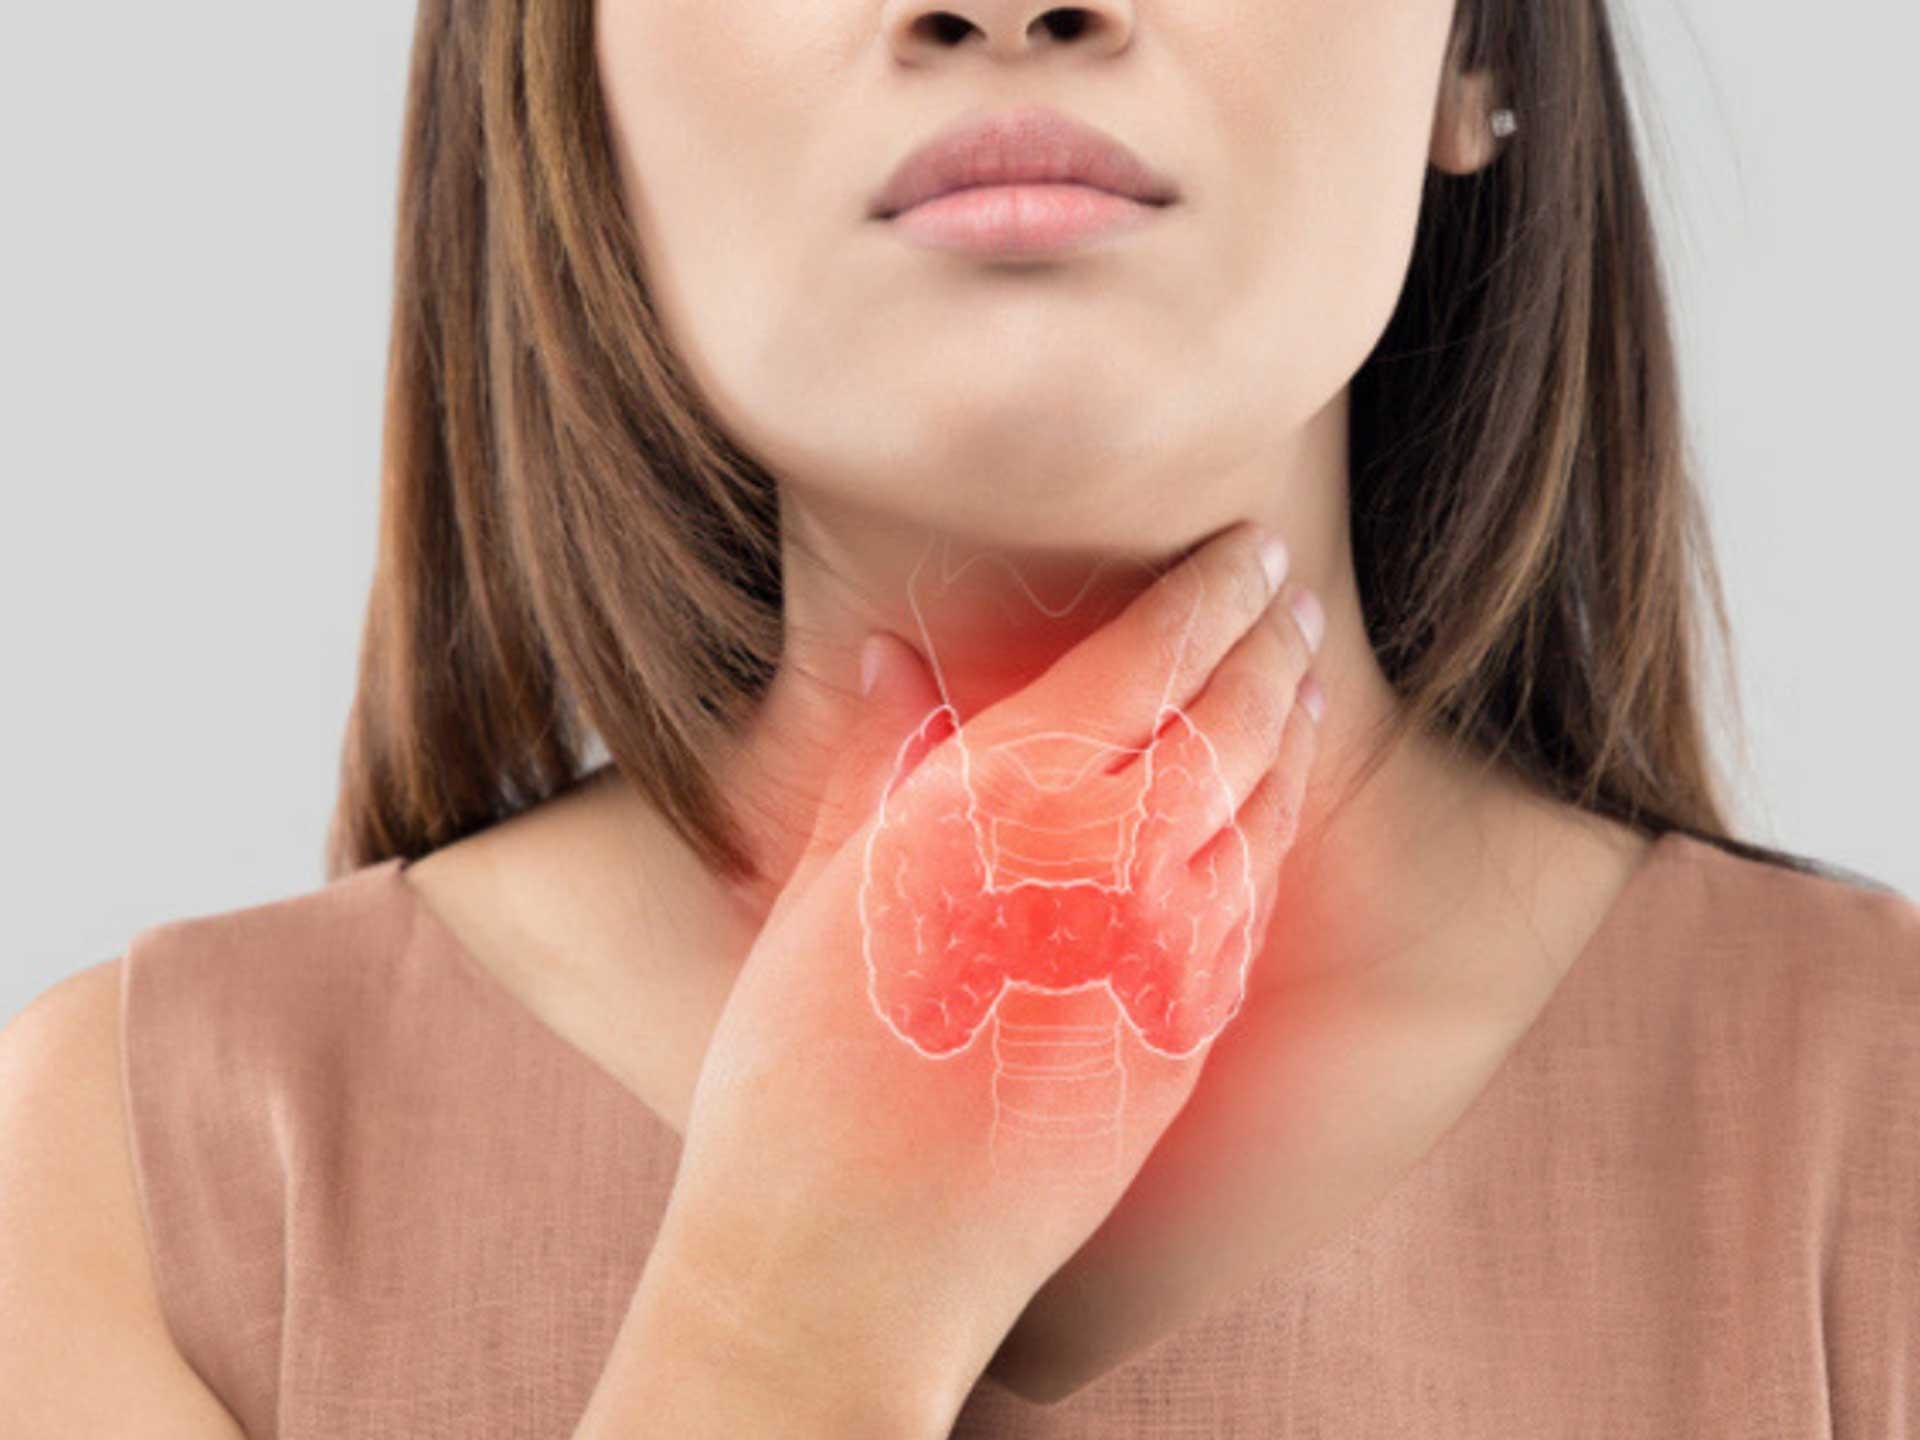 آیا تیروئید با بیماریهای قلبی عروقی ارتباط دارد؟